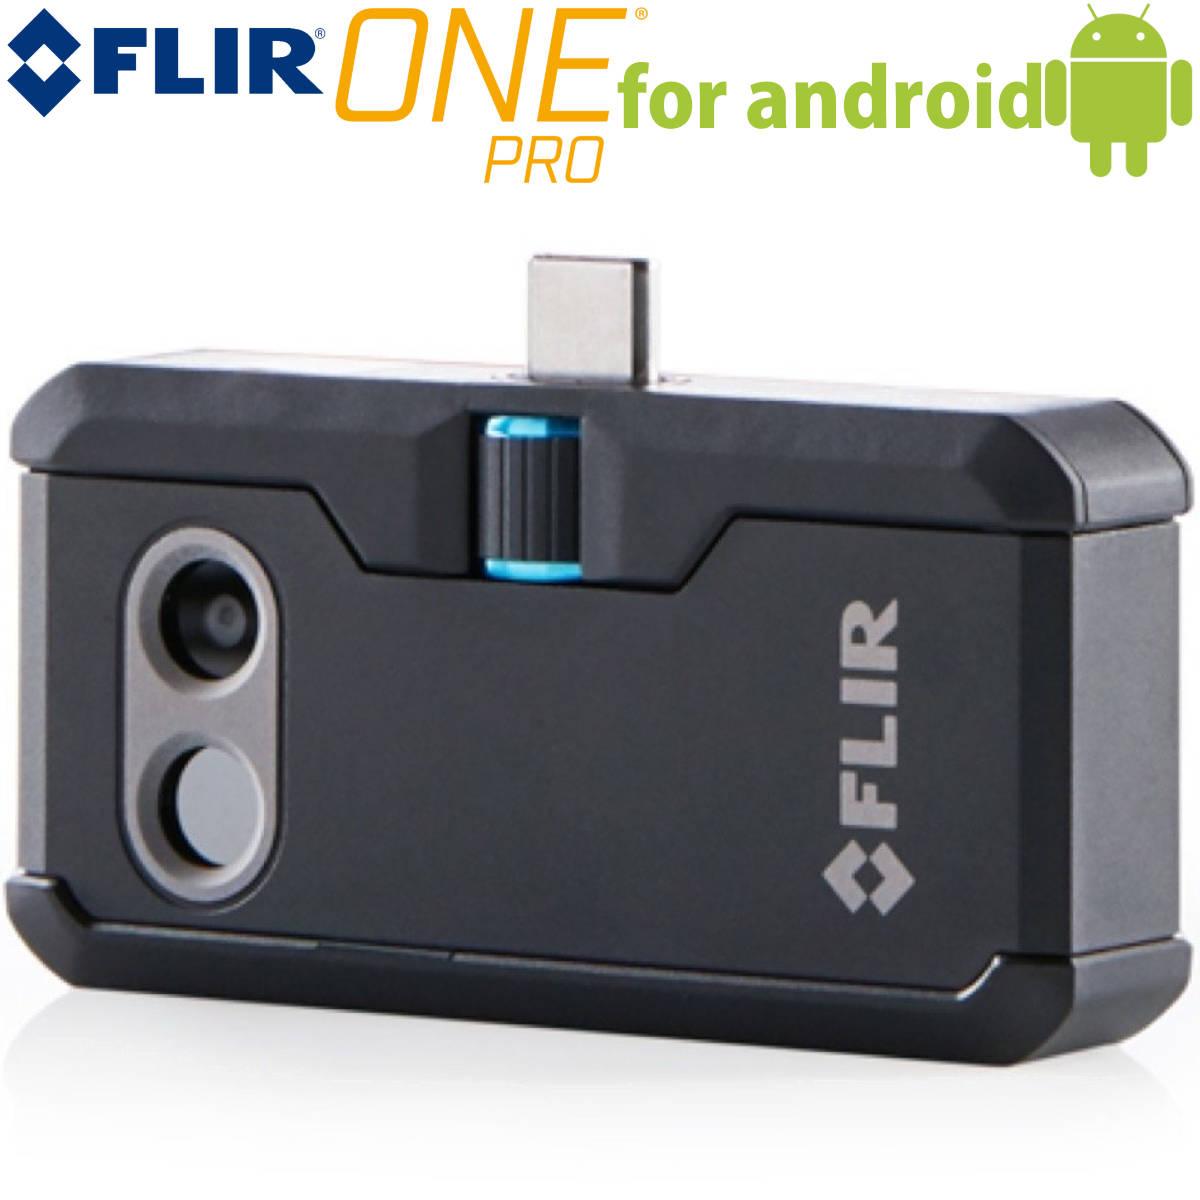 送料無料 FLIR ONE PRO for Android サーモグラフィ .. スマートフォン対応 赤外線サーモグラフィー フリアー 赤外線カメラ gen3 USB-C Type-C Micro USB マイクロUSB